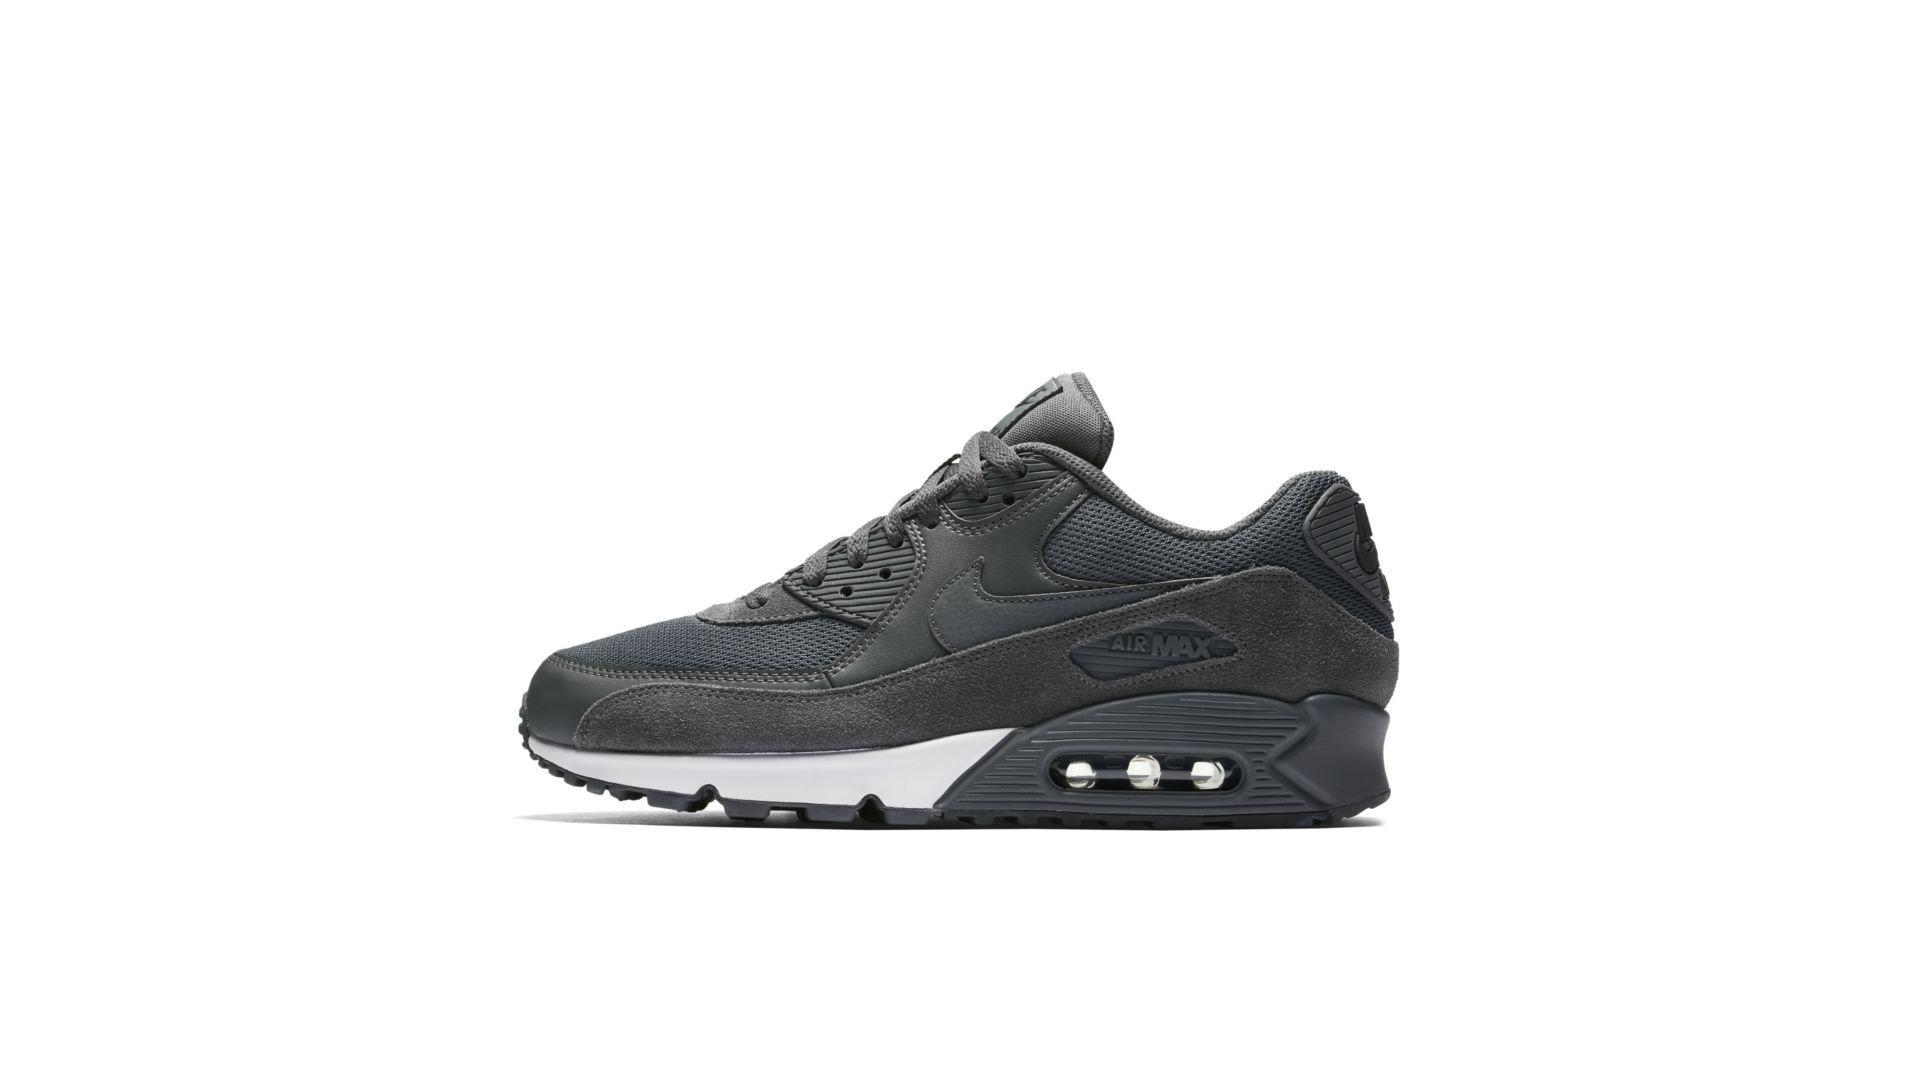 Nike Air Max 90 537384-078